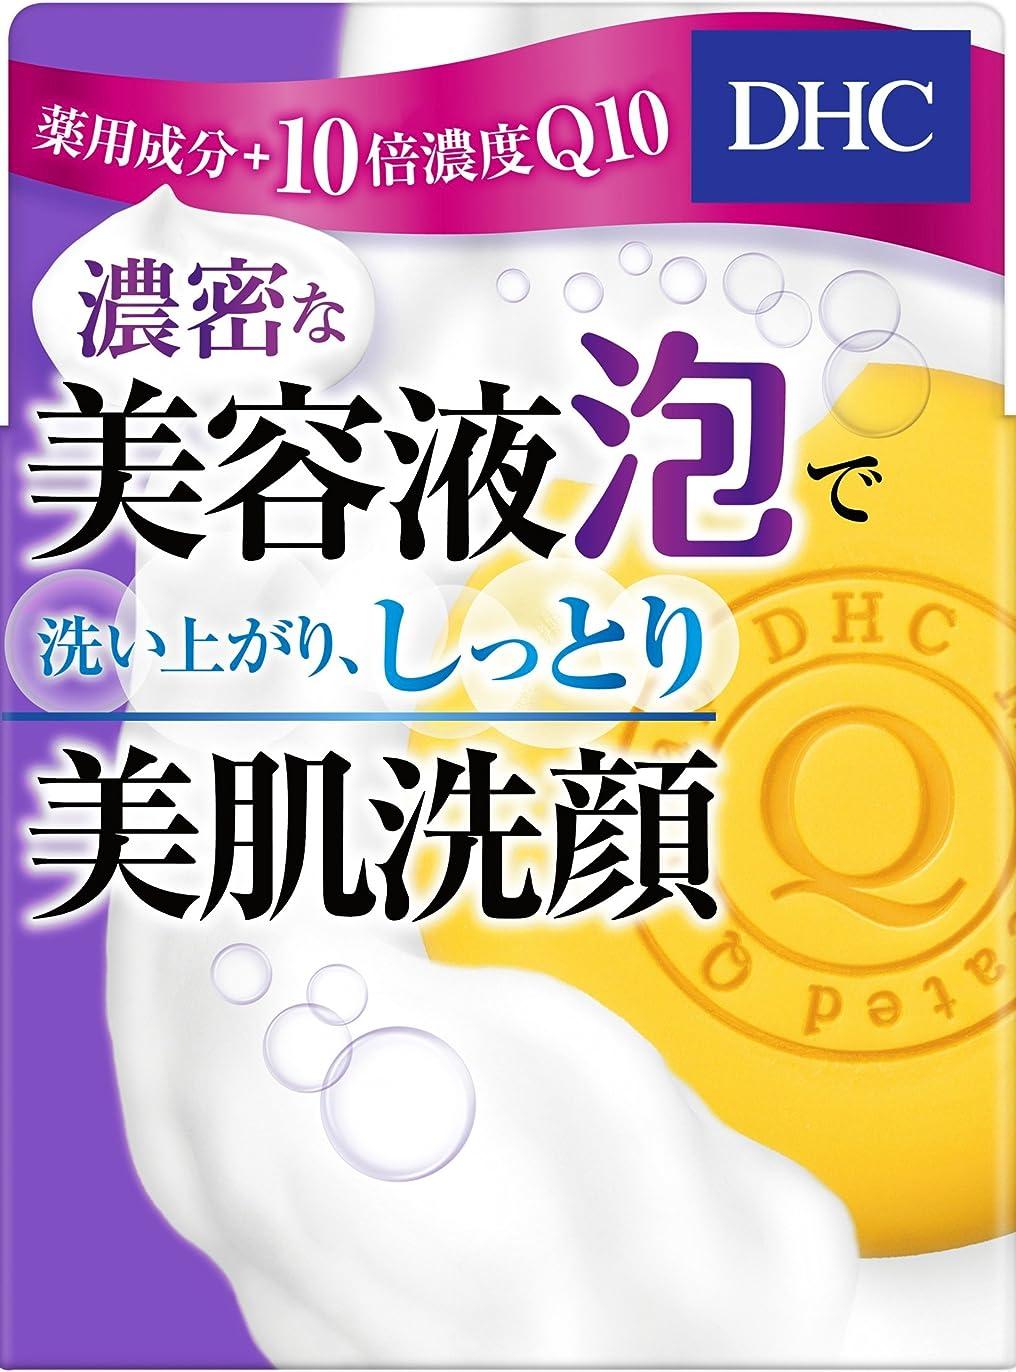 湾材料豪華なDHC 薬用Qソープ60g